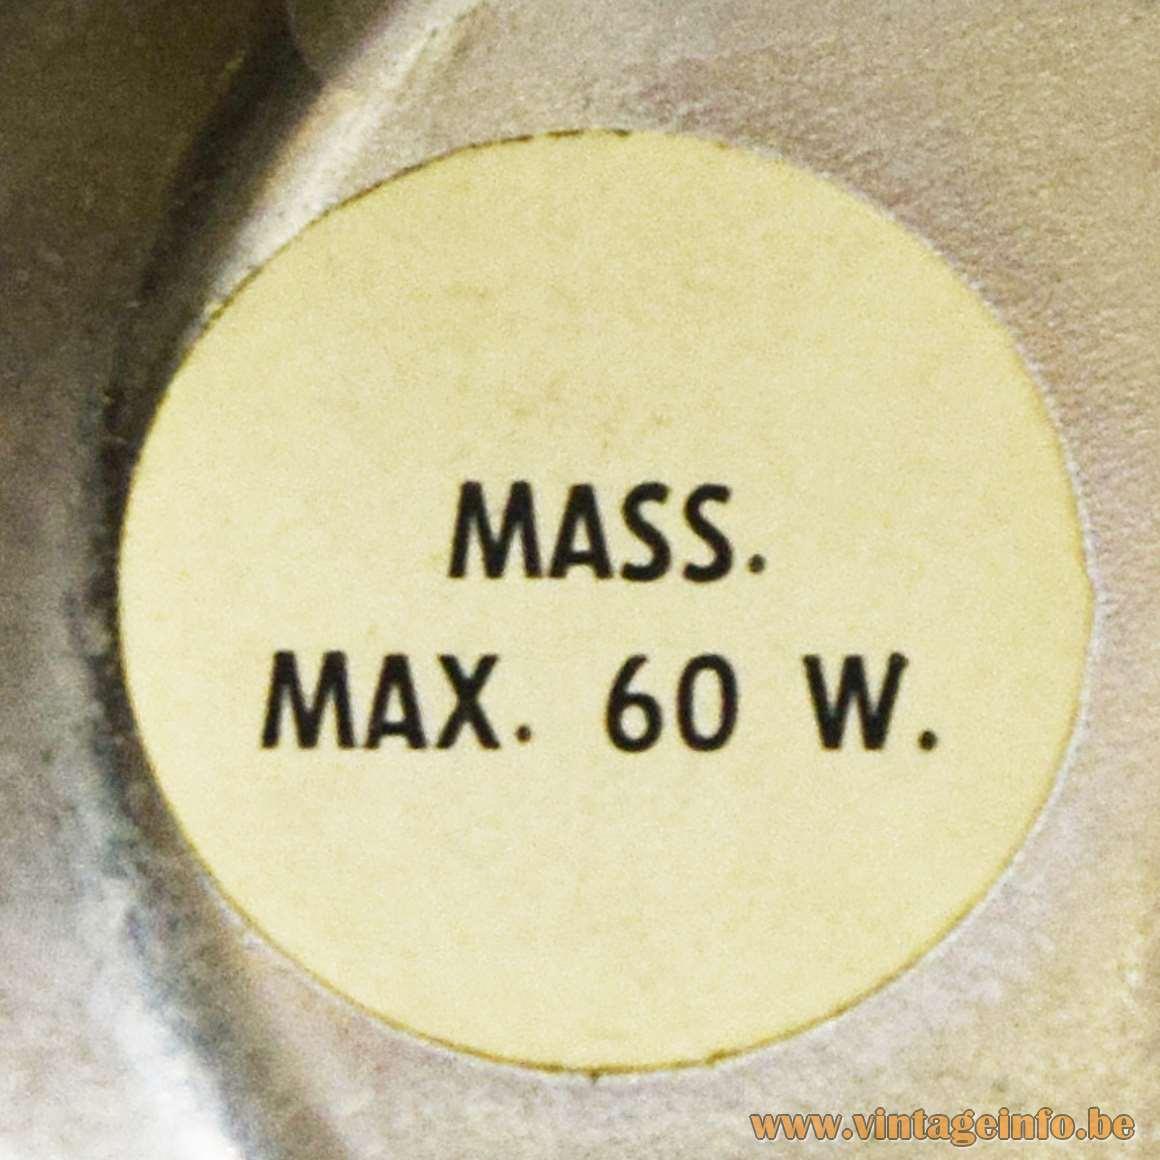 Massive Label Max. 60 W.